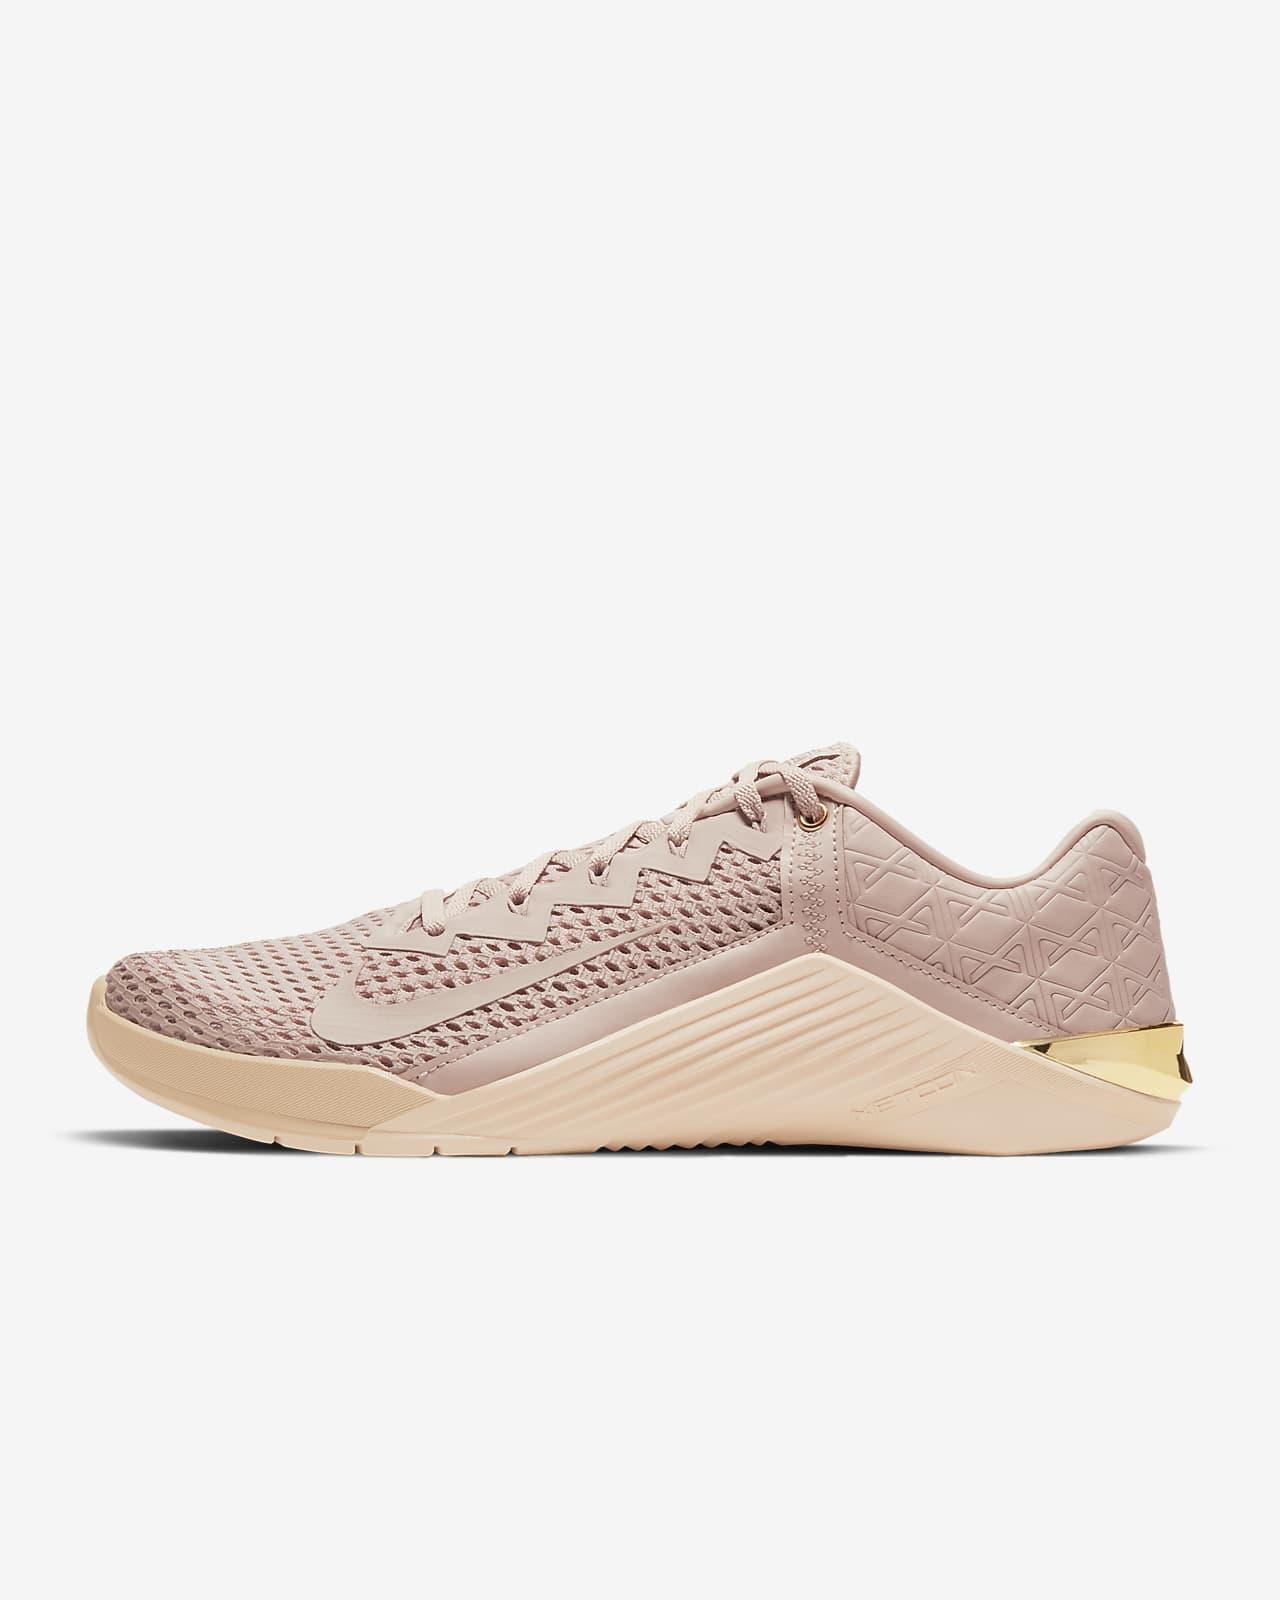 Παπούτσι προπόνησης Nike Metcon 6 Premium